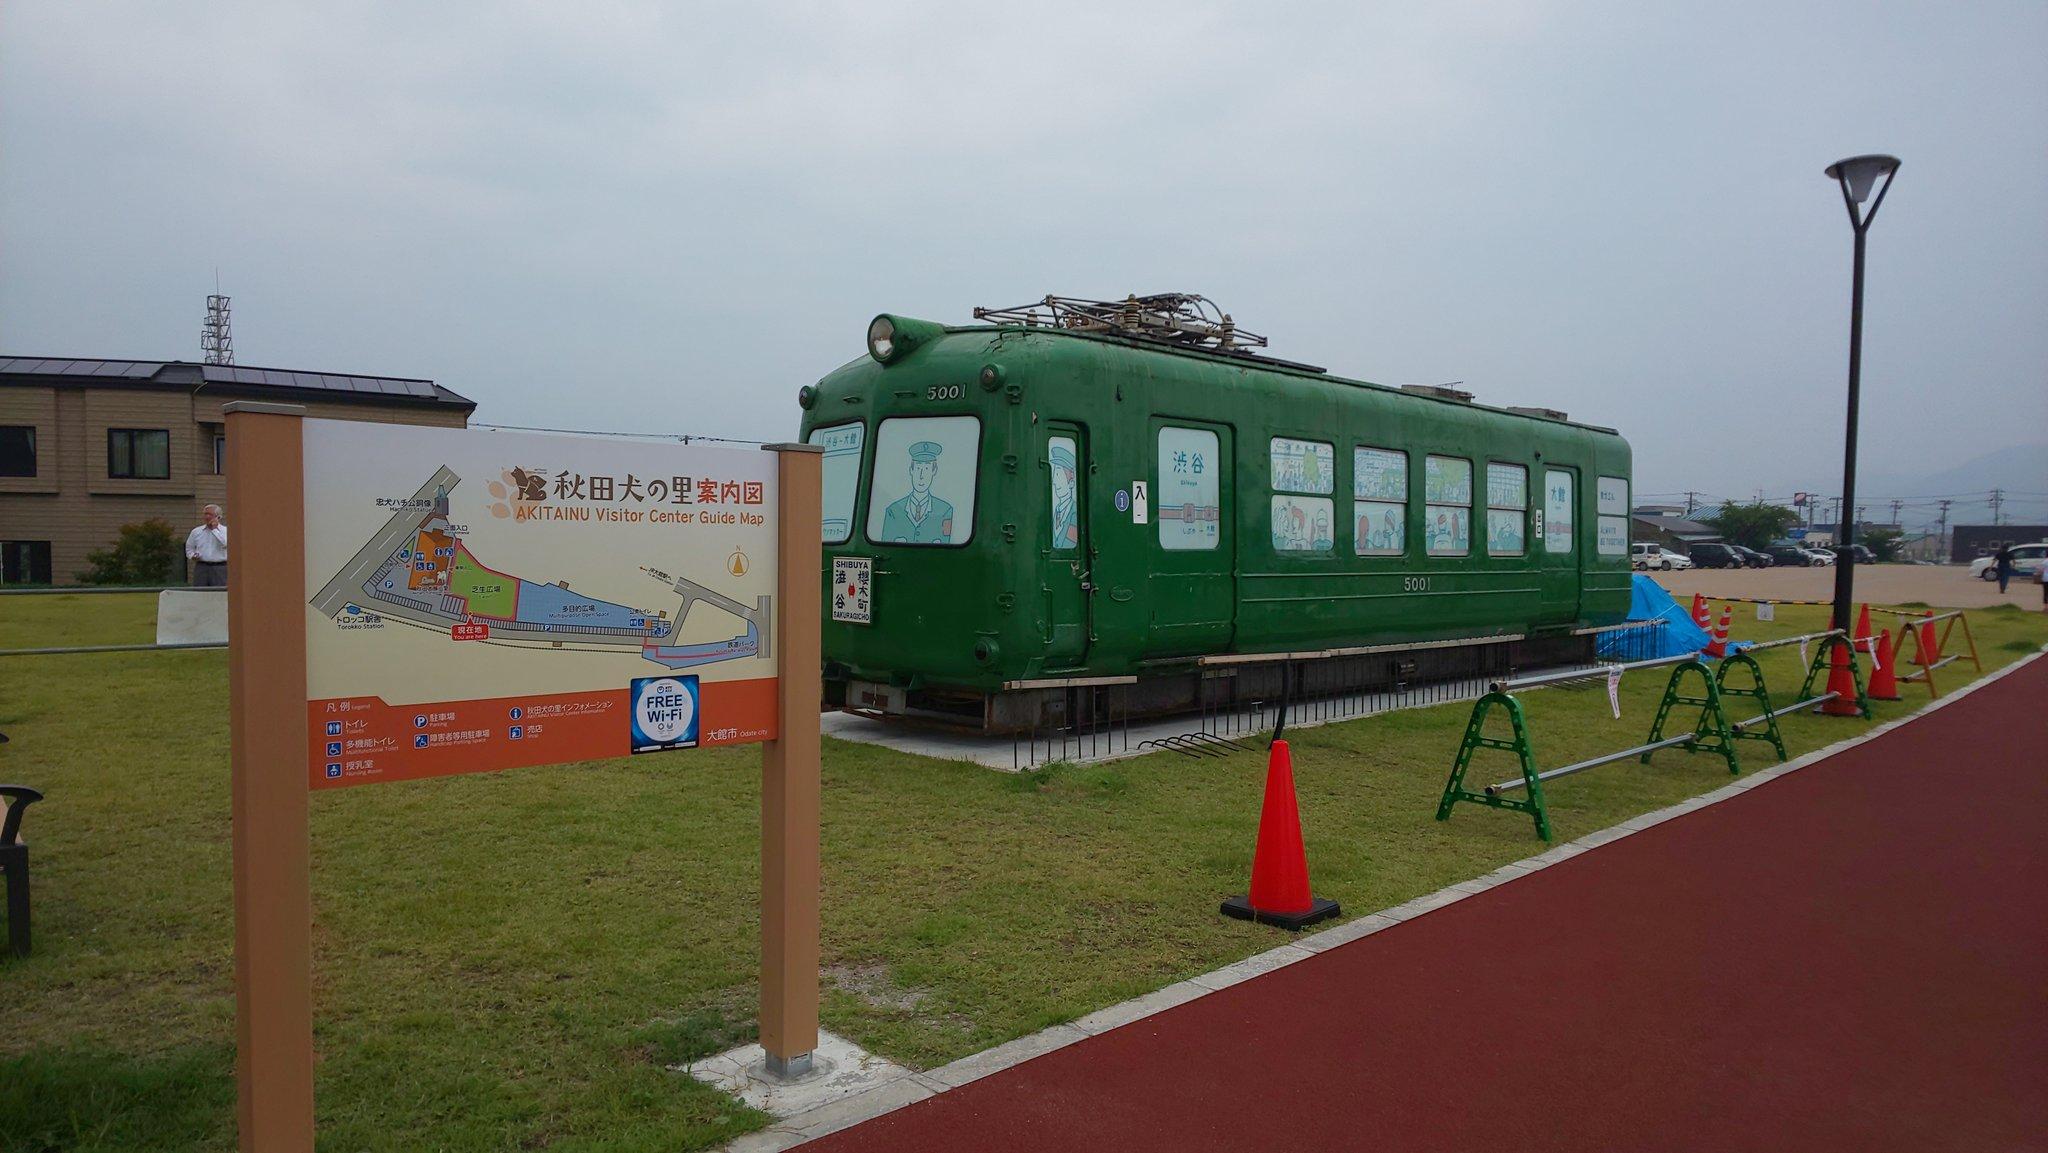 【大都会から田舎へ】渋谷の青ガエルが秋田県大館市に移設完了